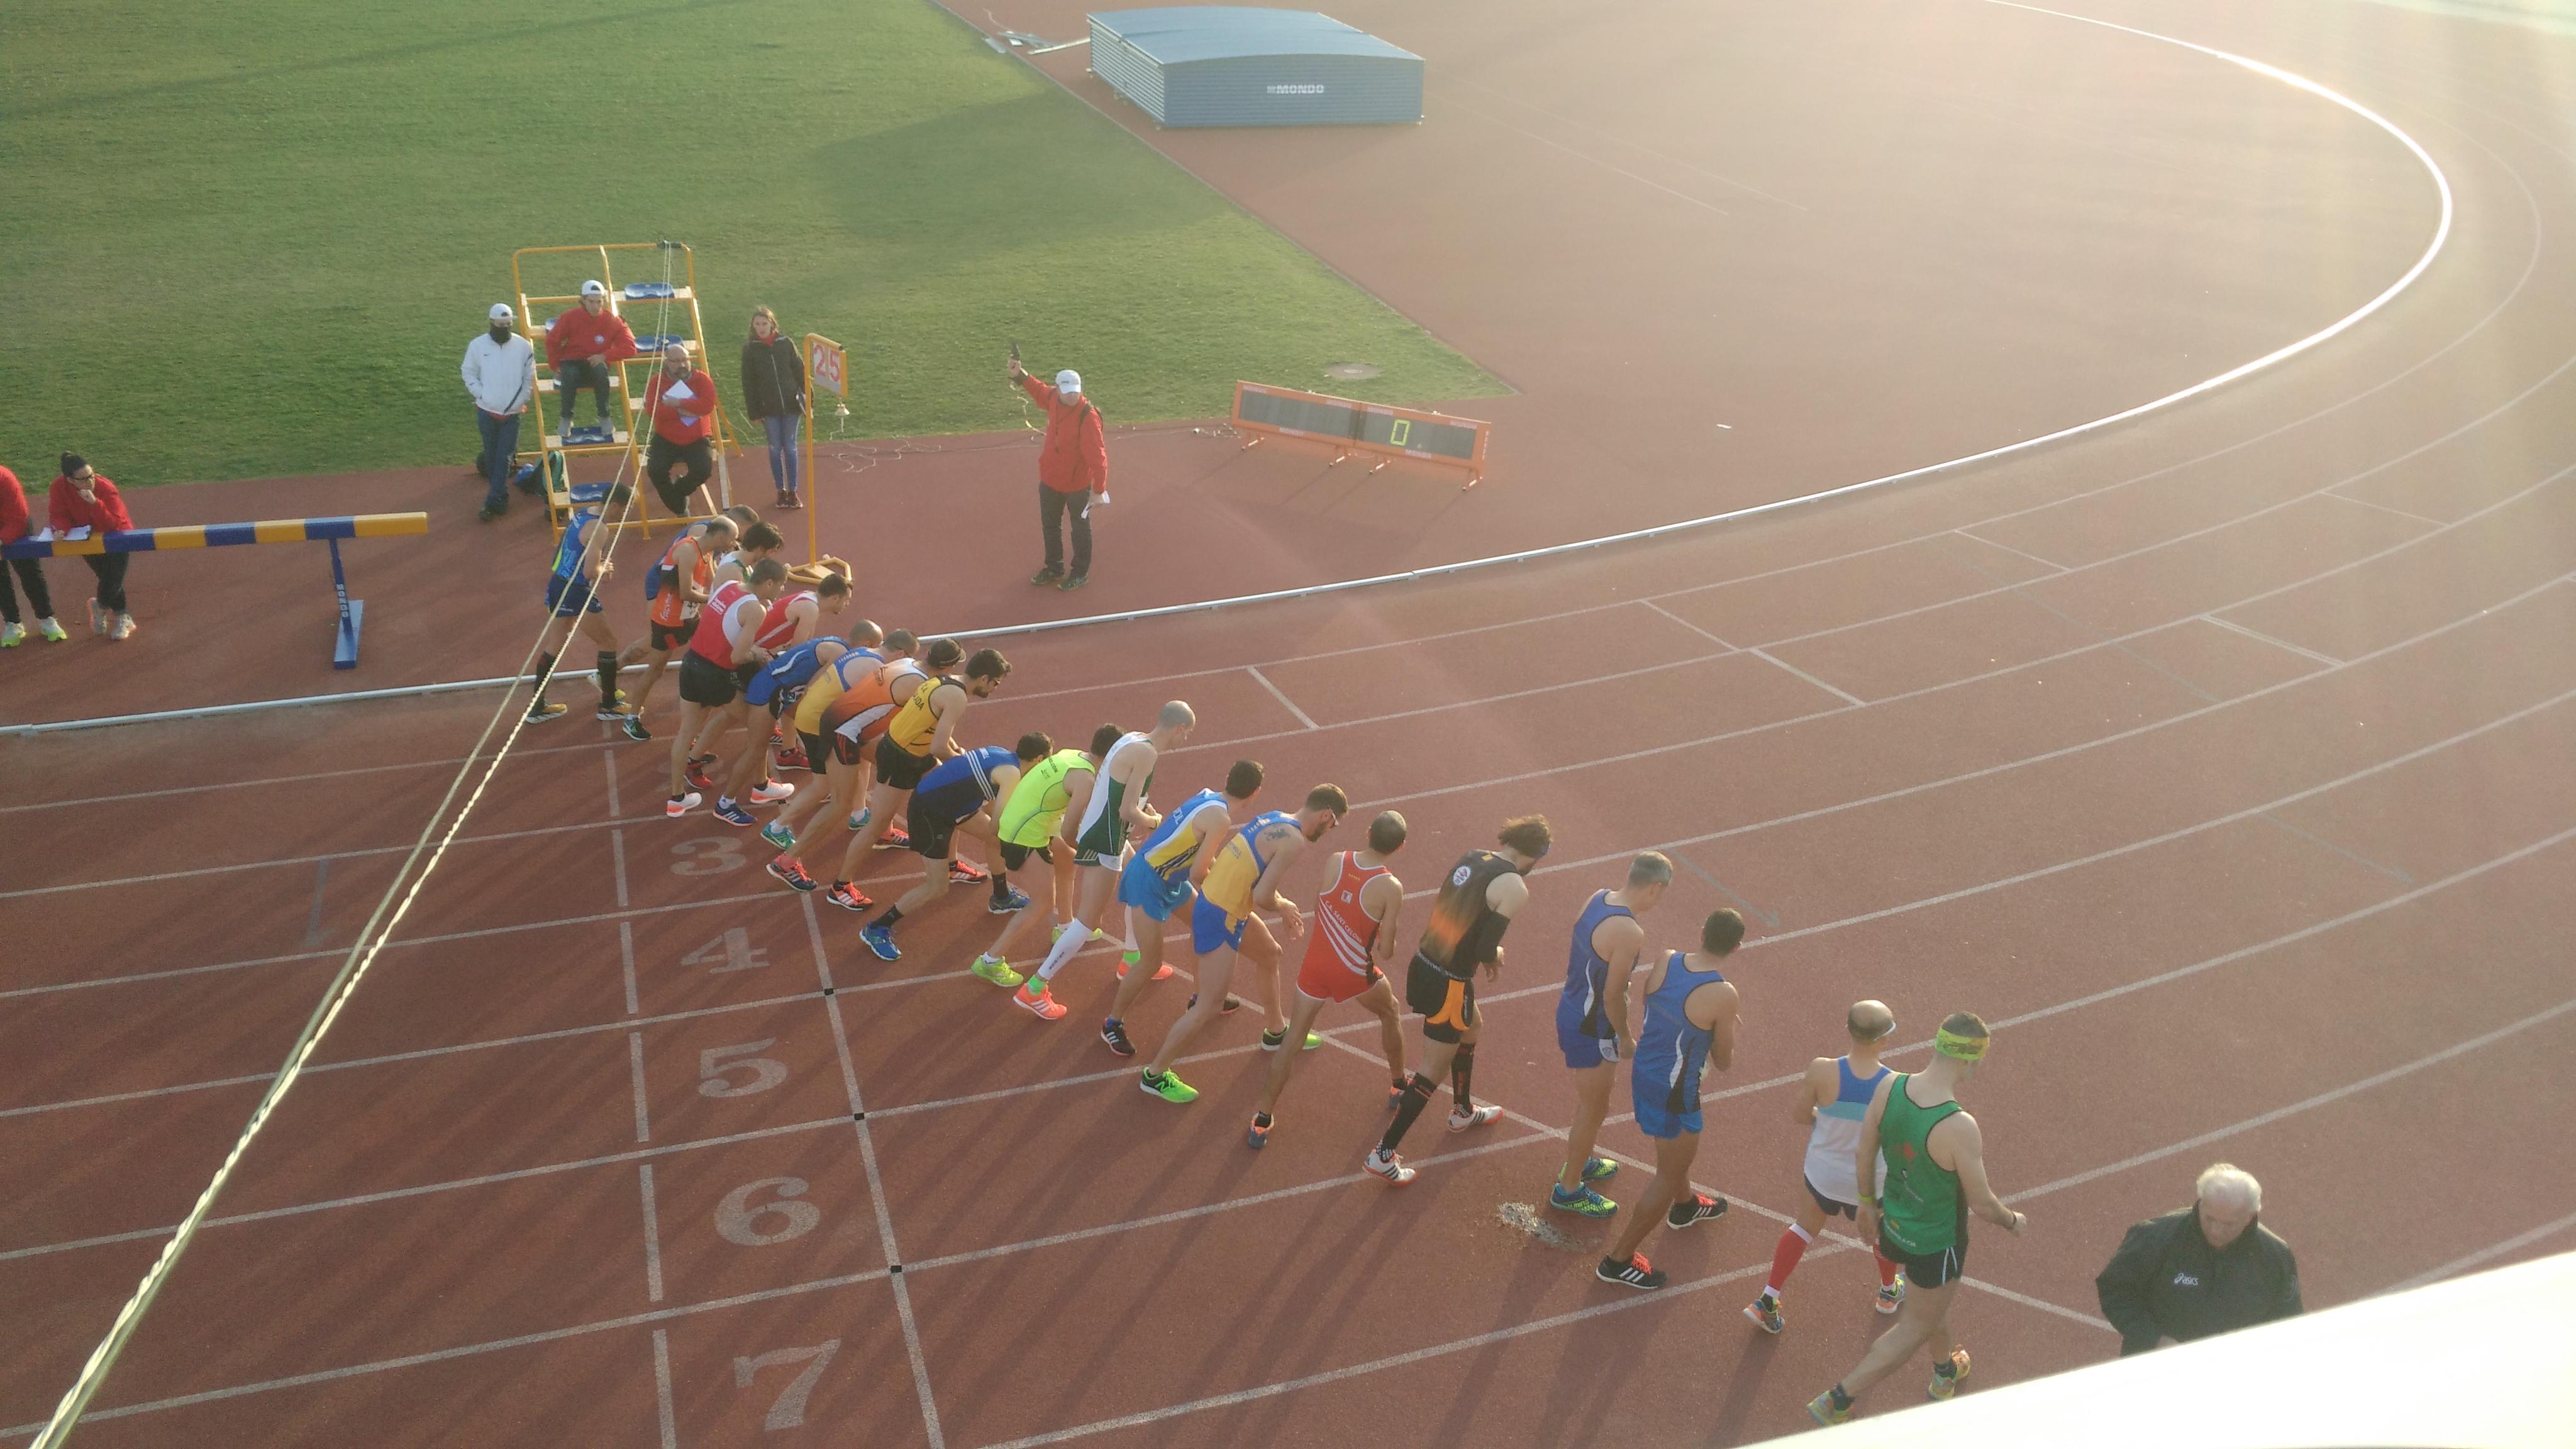 Torna la competició a l'Antonio Amorós amb el Campionat de Catalunya de 10.000m